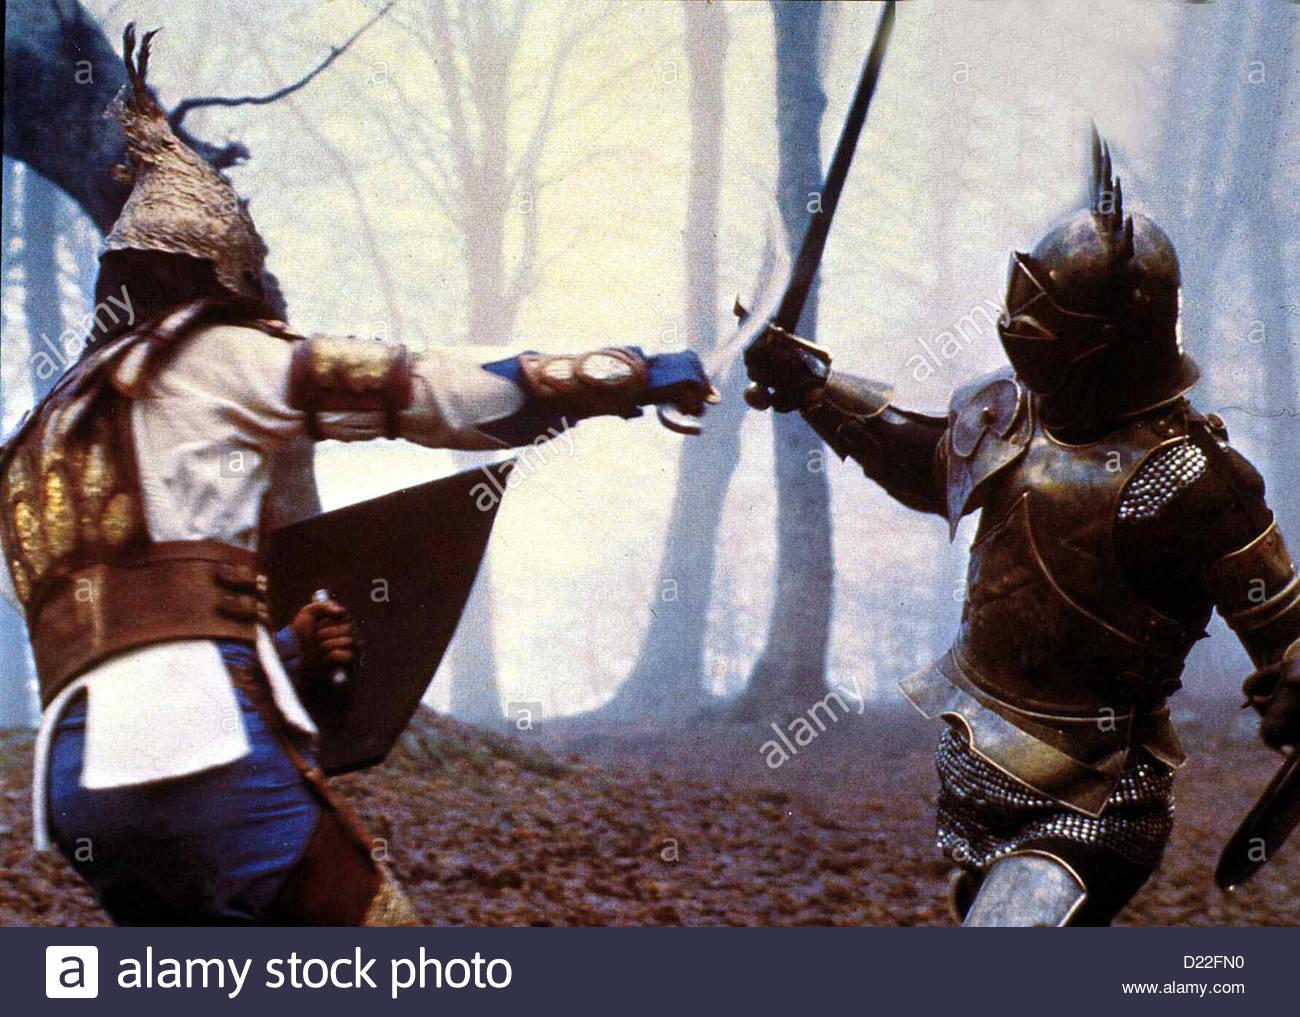 Duell Der Besten  Paladini, I  Im Mittelalter führen Christen und Mauren erbitterte Kämpfe gegeneinander - Stock Image